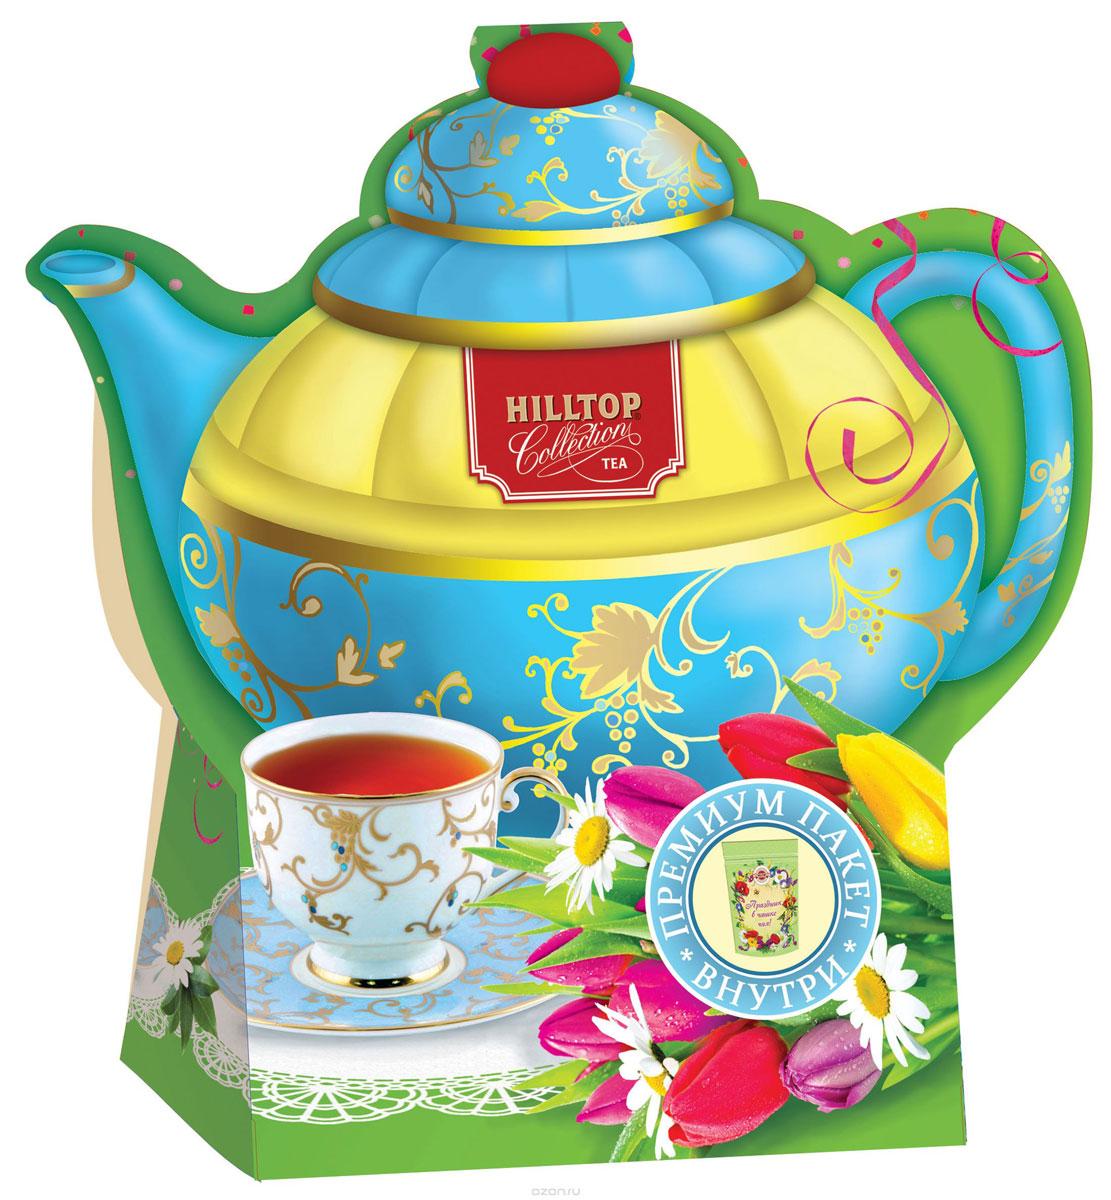 Hilltop Подарок Цейлона черный листовой чай, 80 г (чайник Тюльпаны) чай hilltop чай hilltop подарок цейлона 100г муз колокольчик музыка любви